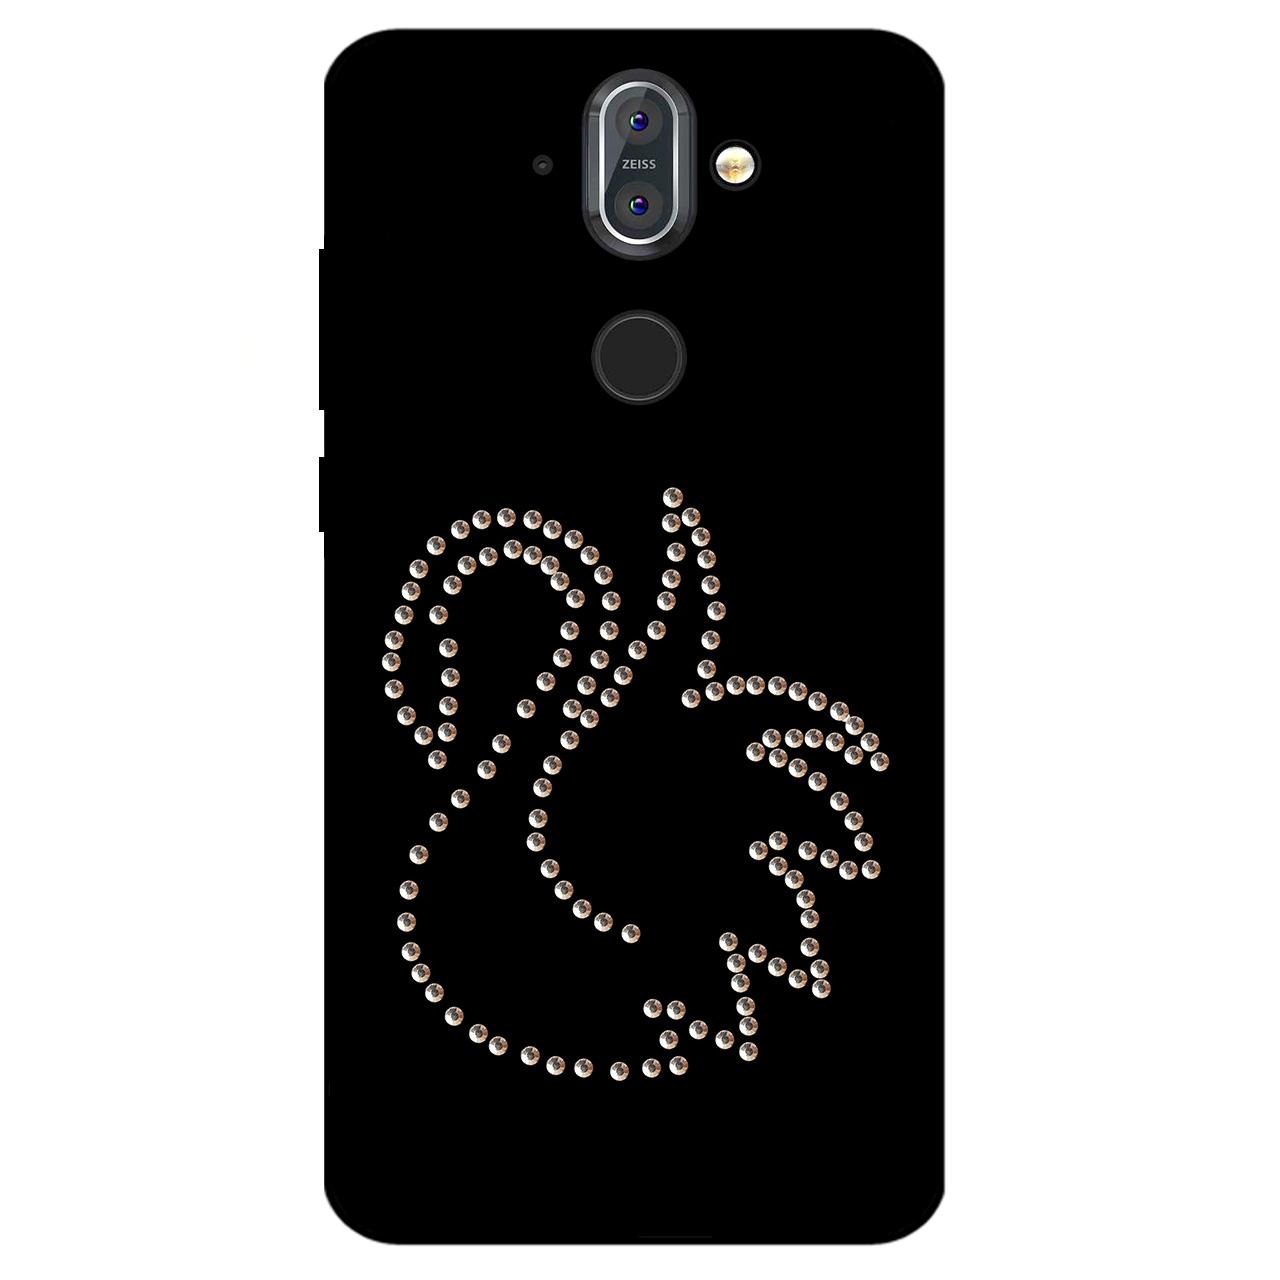 کاور کی اچ کد 225 مناسب برای گوشی موبایل نوکیا Sirocco 8